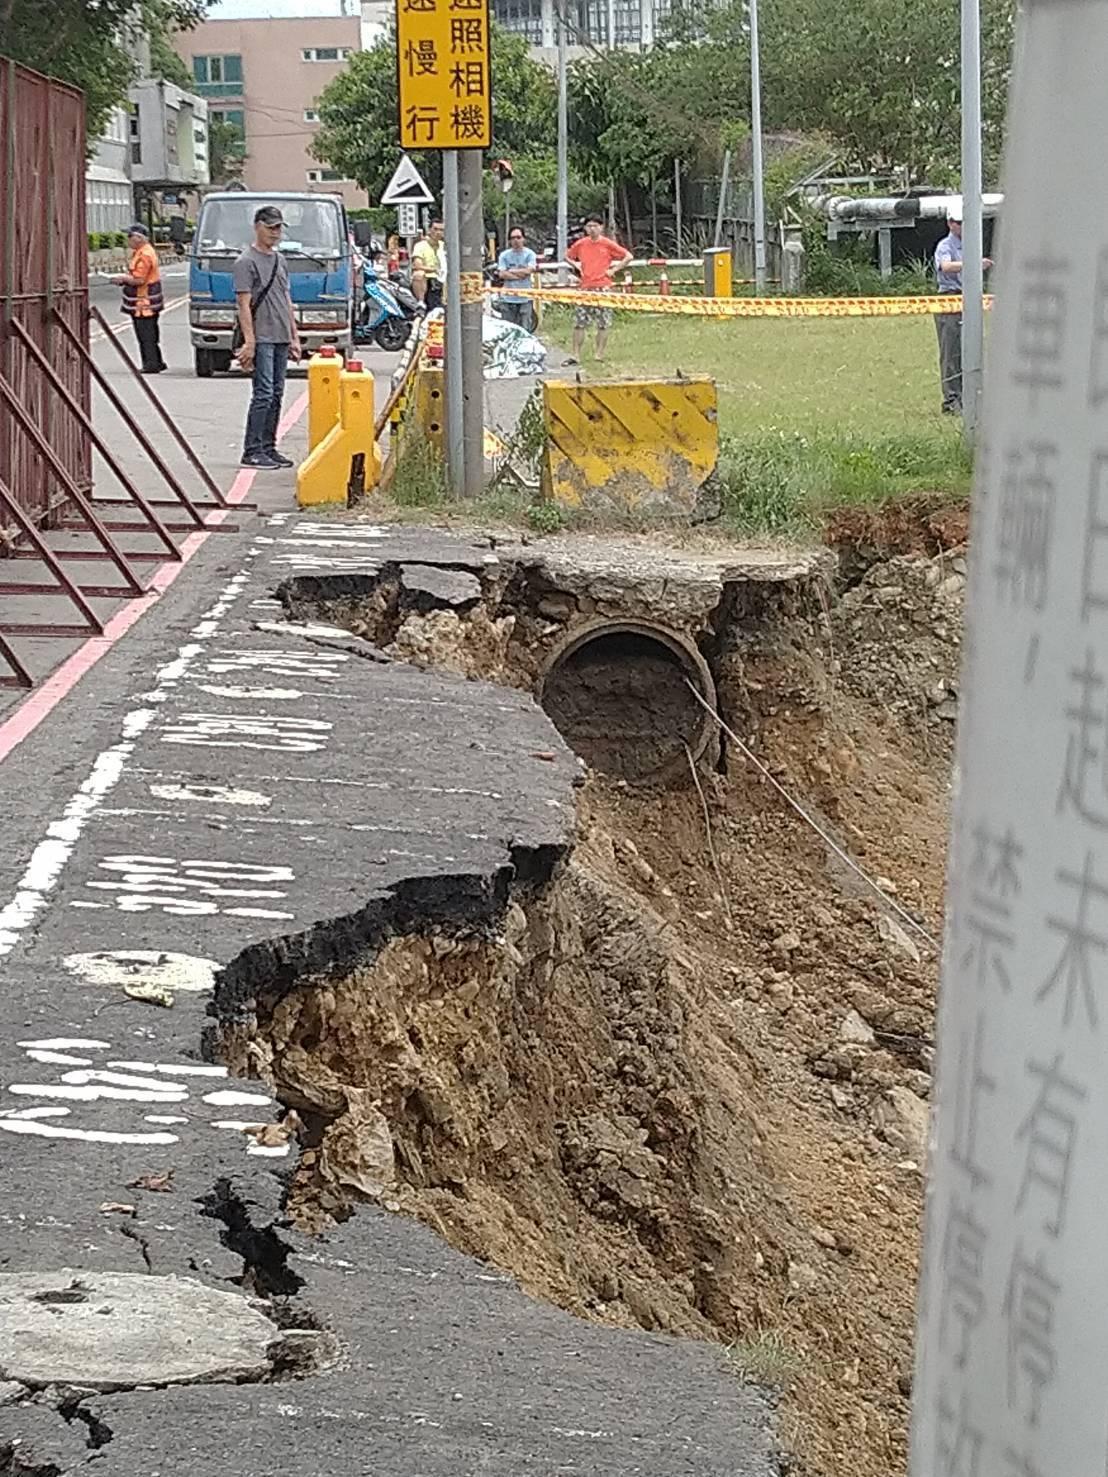 新北市泰山區南泰路昨晚約10點驚傳道路坍方,疑因連日豪雨造成道路擋土牆坍塌,目前...